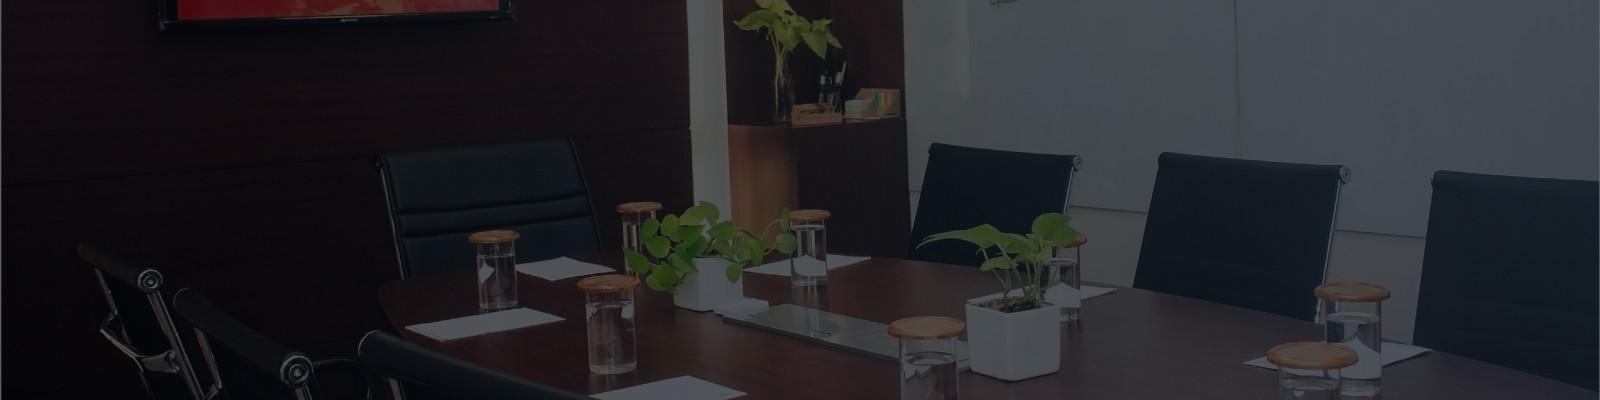 Meeting rooms in Noida